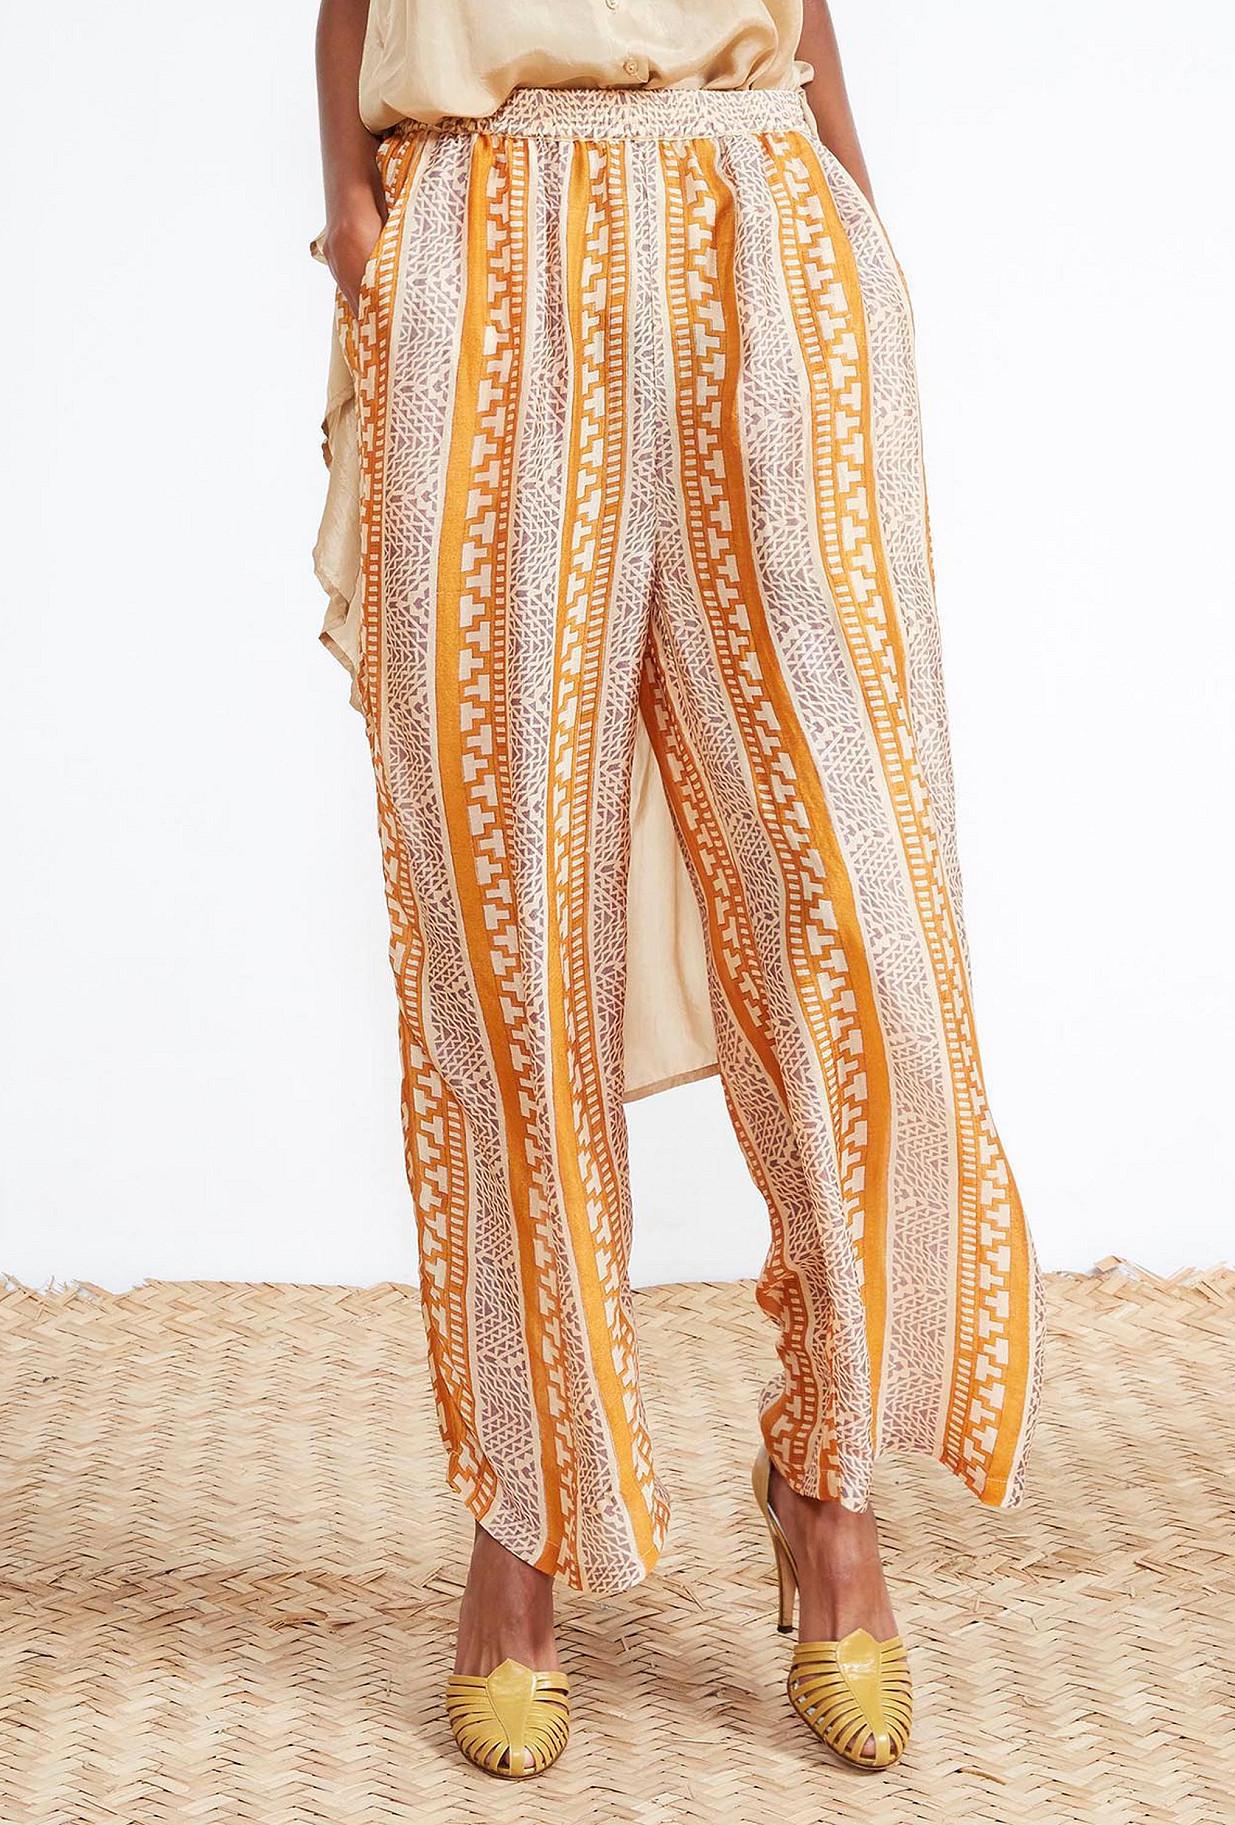 PANTALON Imprimé saphir  Sudaan mes demoiselles paris vêtement femme paris